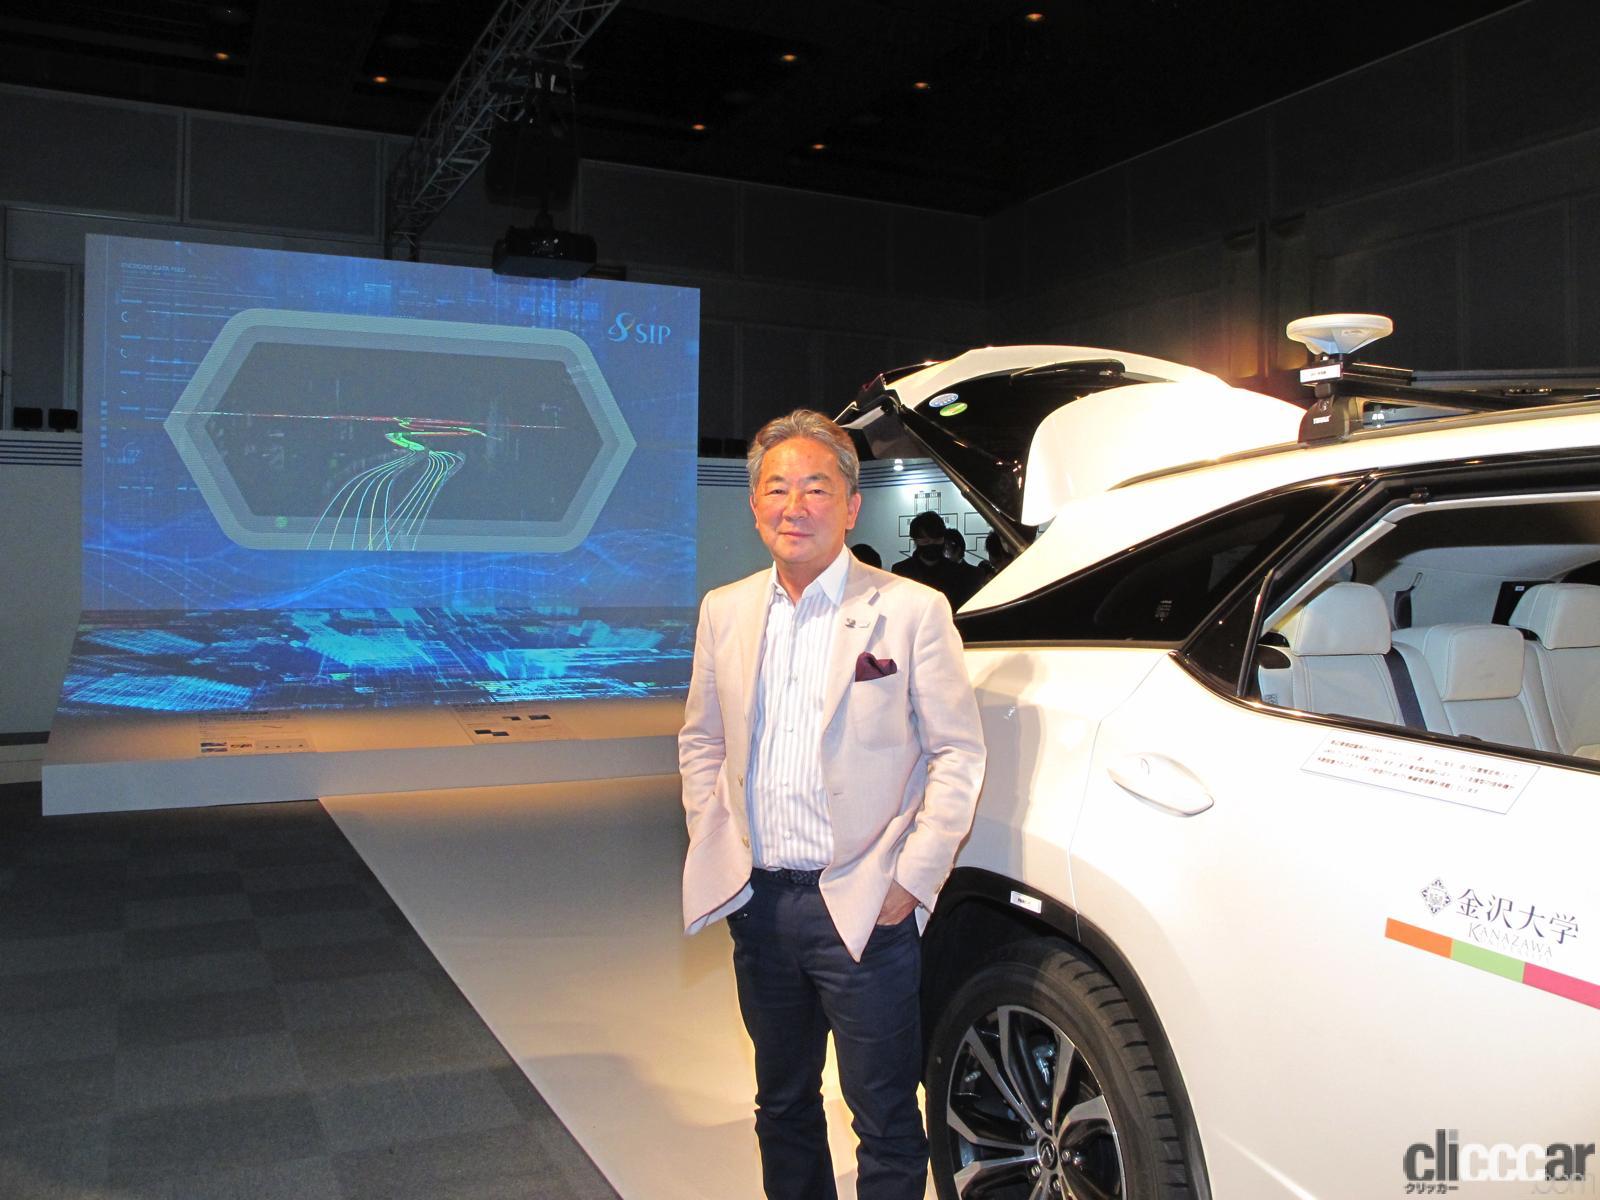 「清水和夫が解説!日本が進める「自動運転の今」はどんな技術で、どう使うのか?【SIP第2期 自動運転 中間成果発表会】」の1枚目の画像